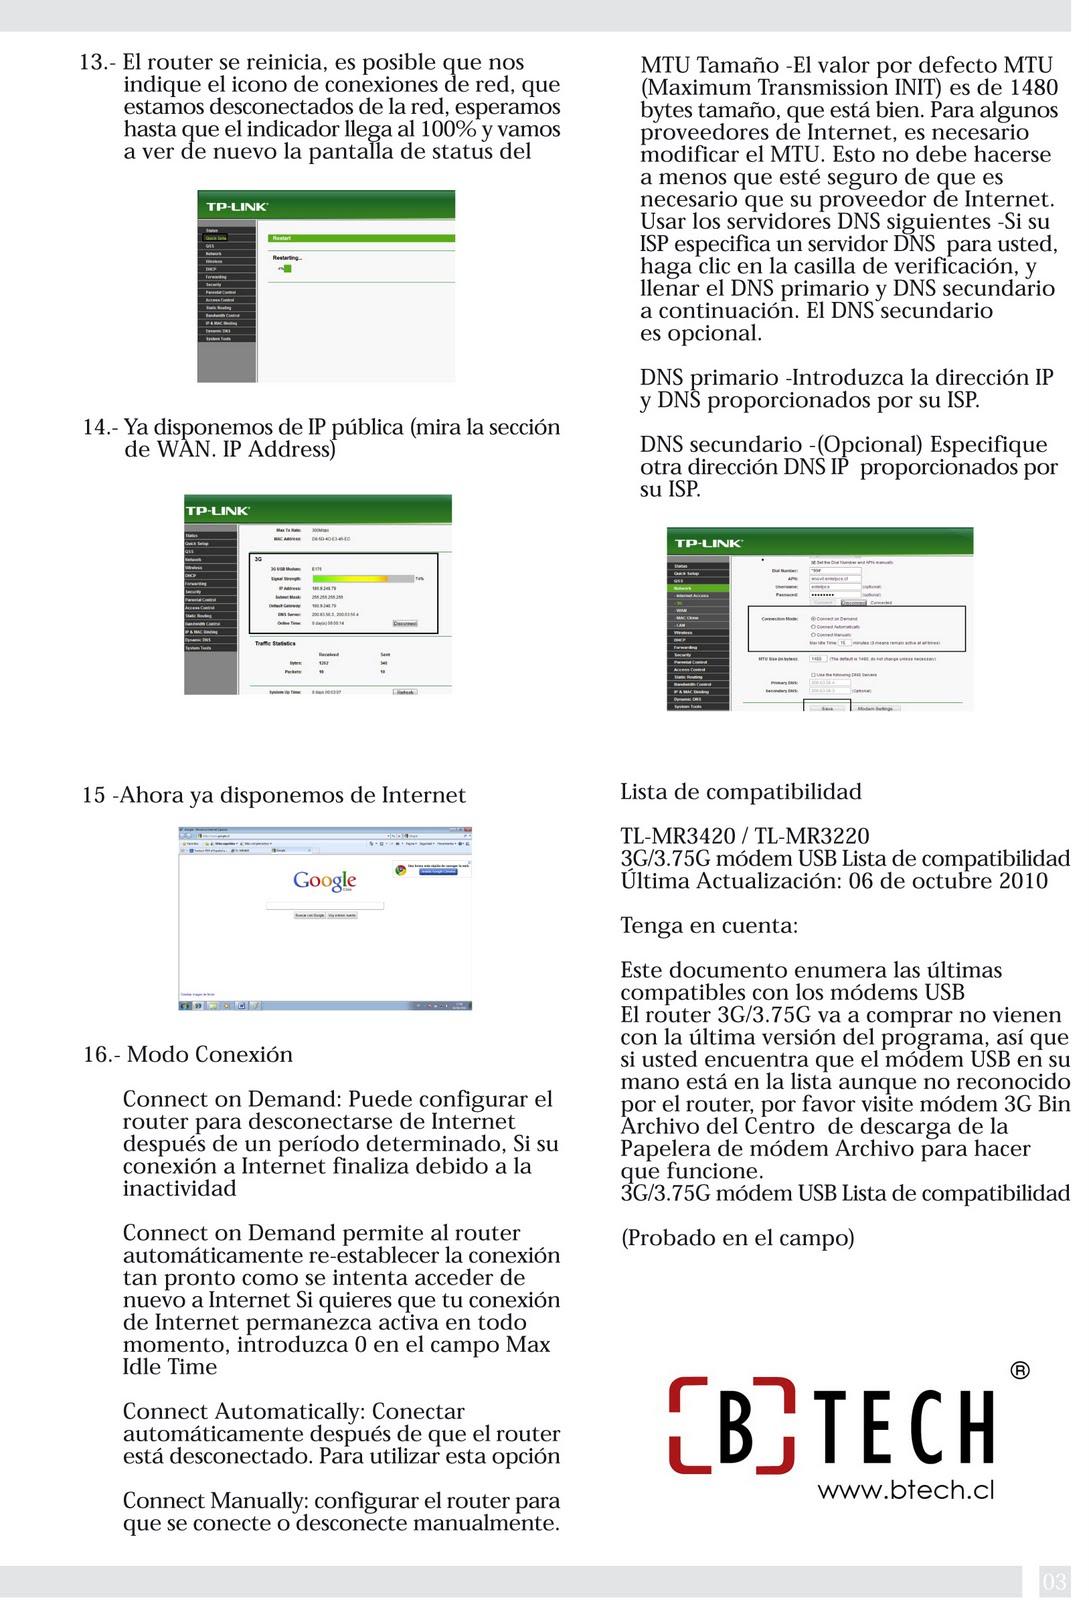 tp link tl mr3420 manual